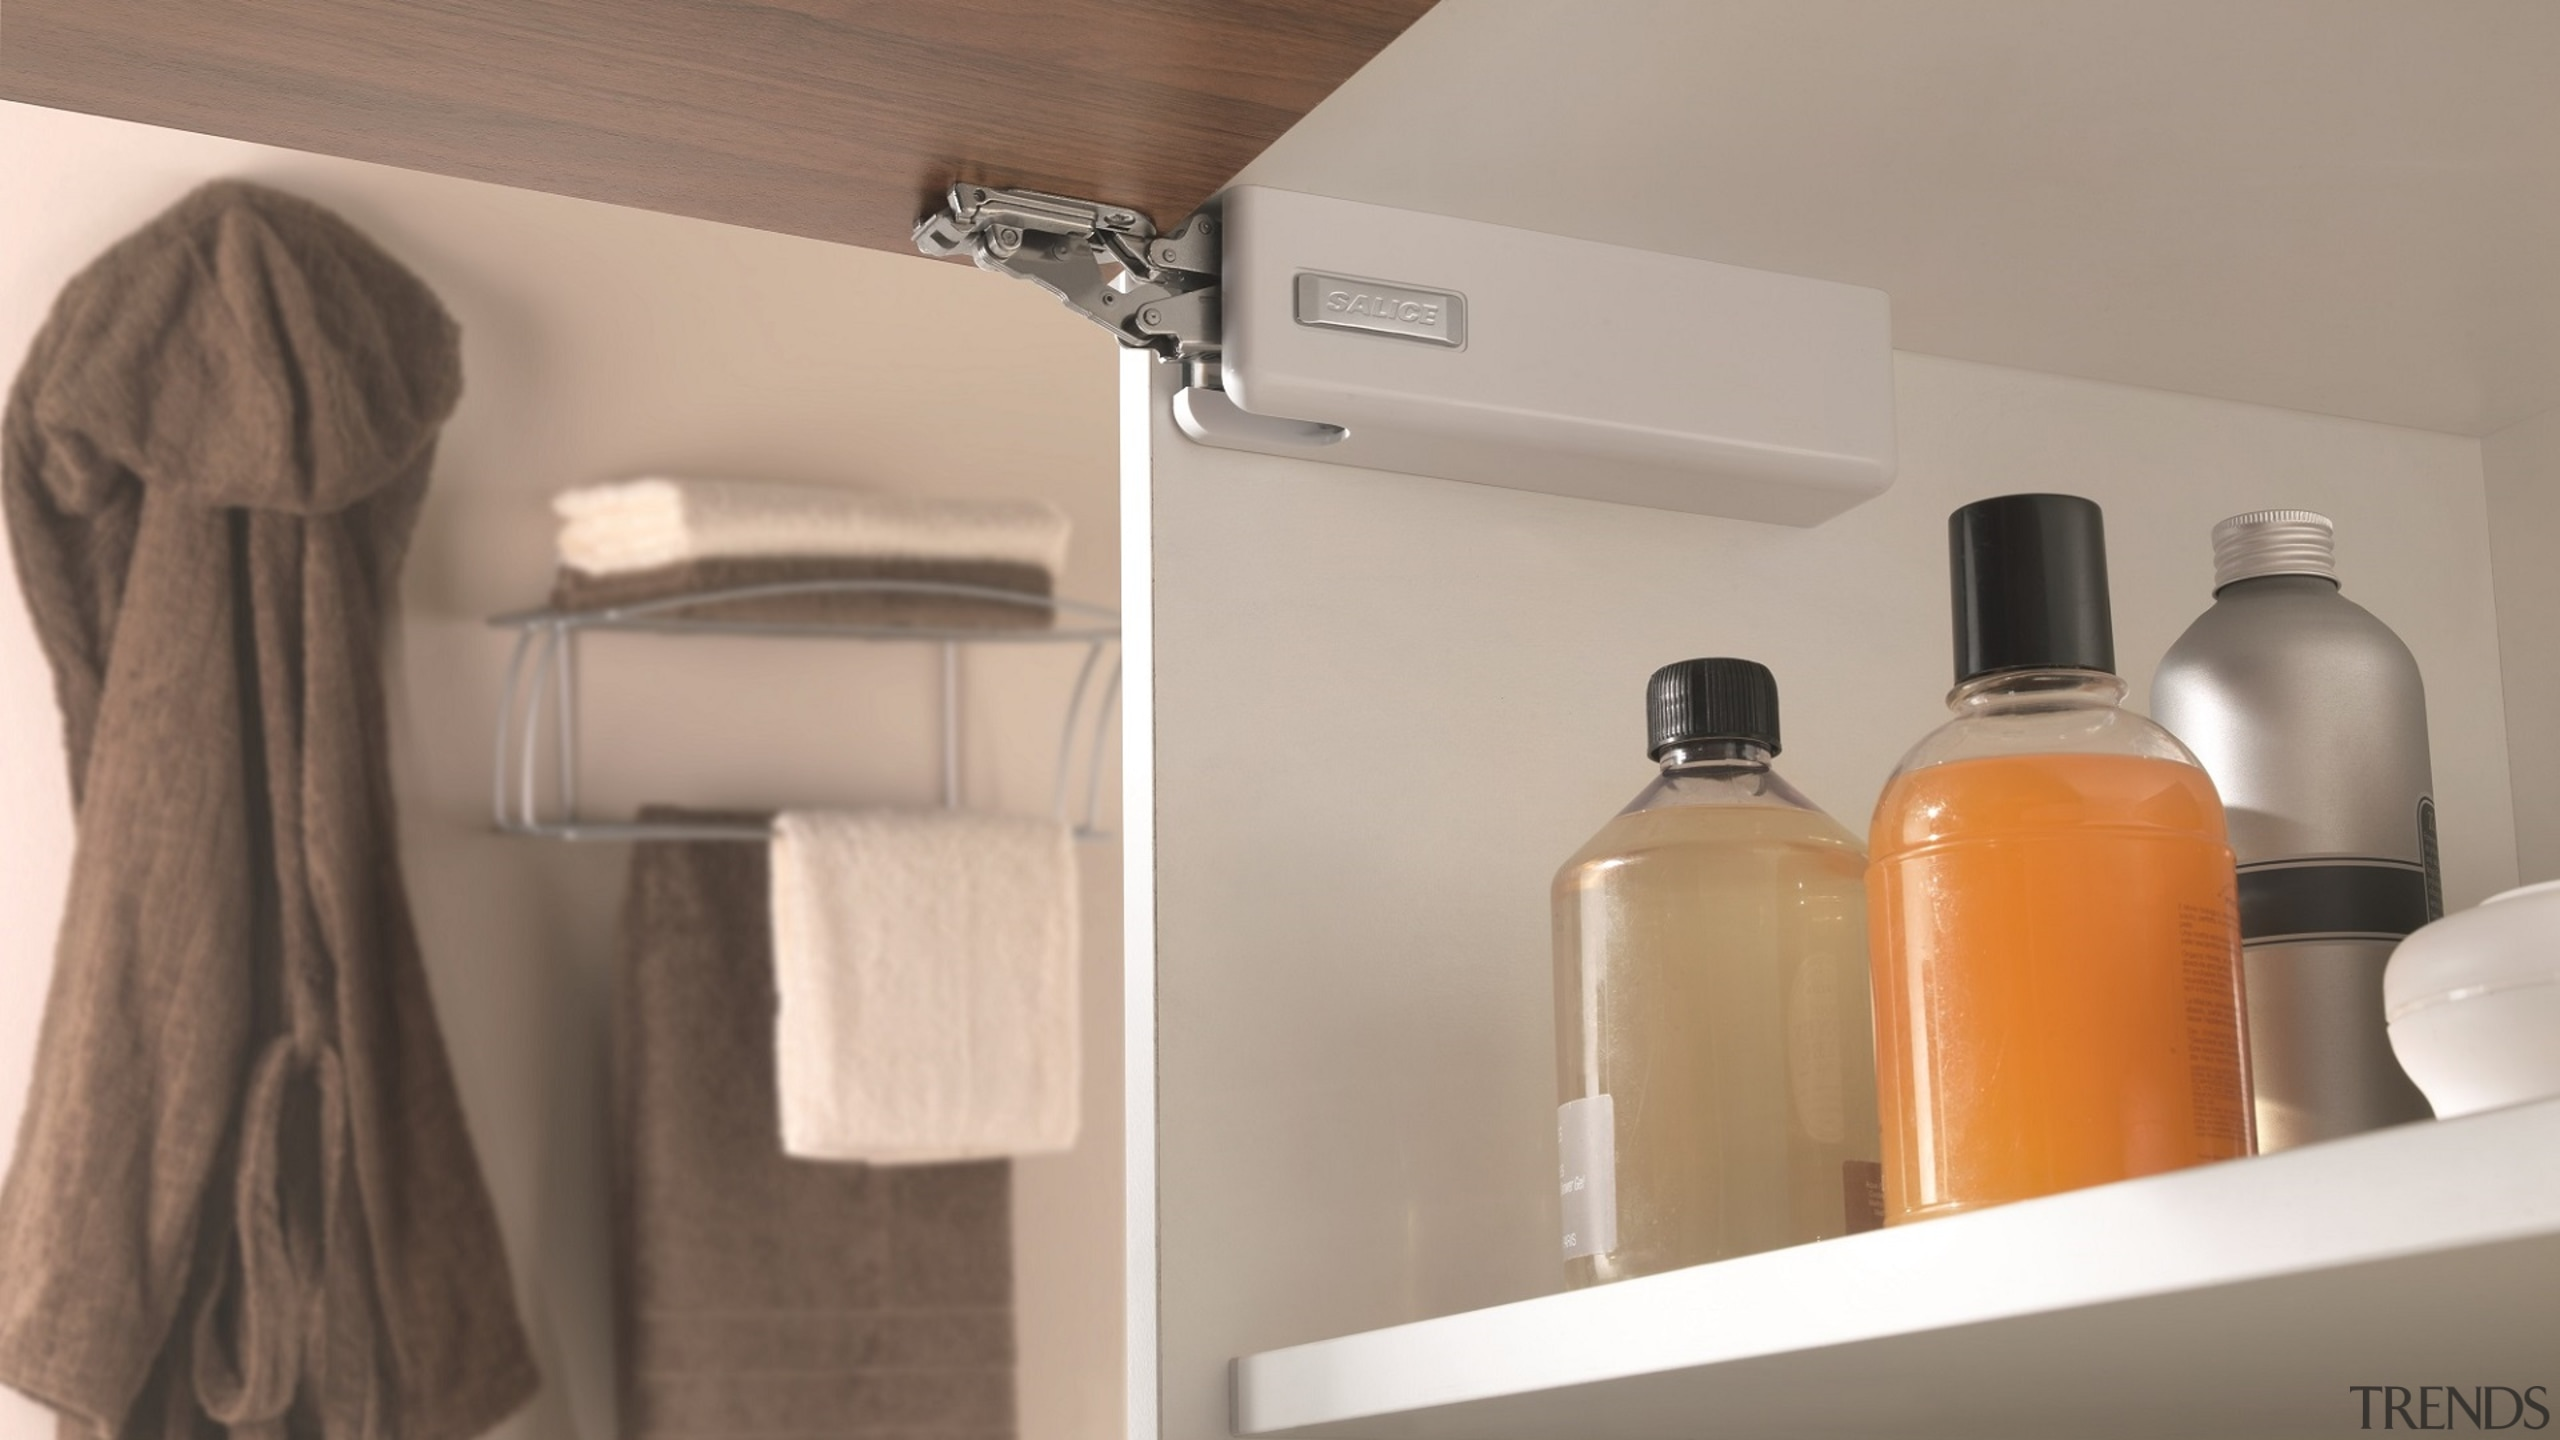 Salice's Wind is an elegant, unobtrusive overhead lift bathroom, floor, furniture, product, room, shelf, tap, gray